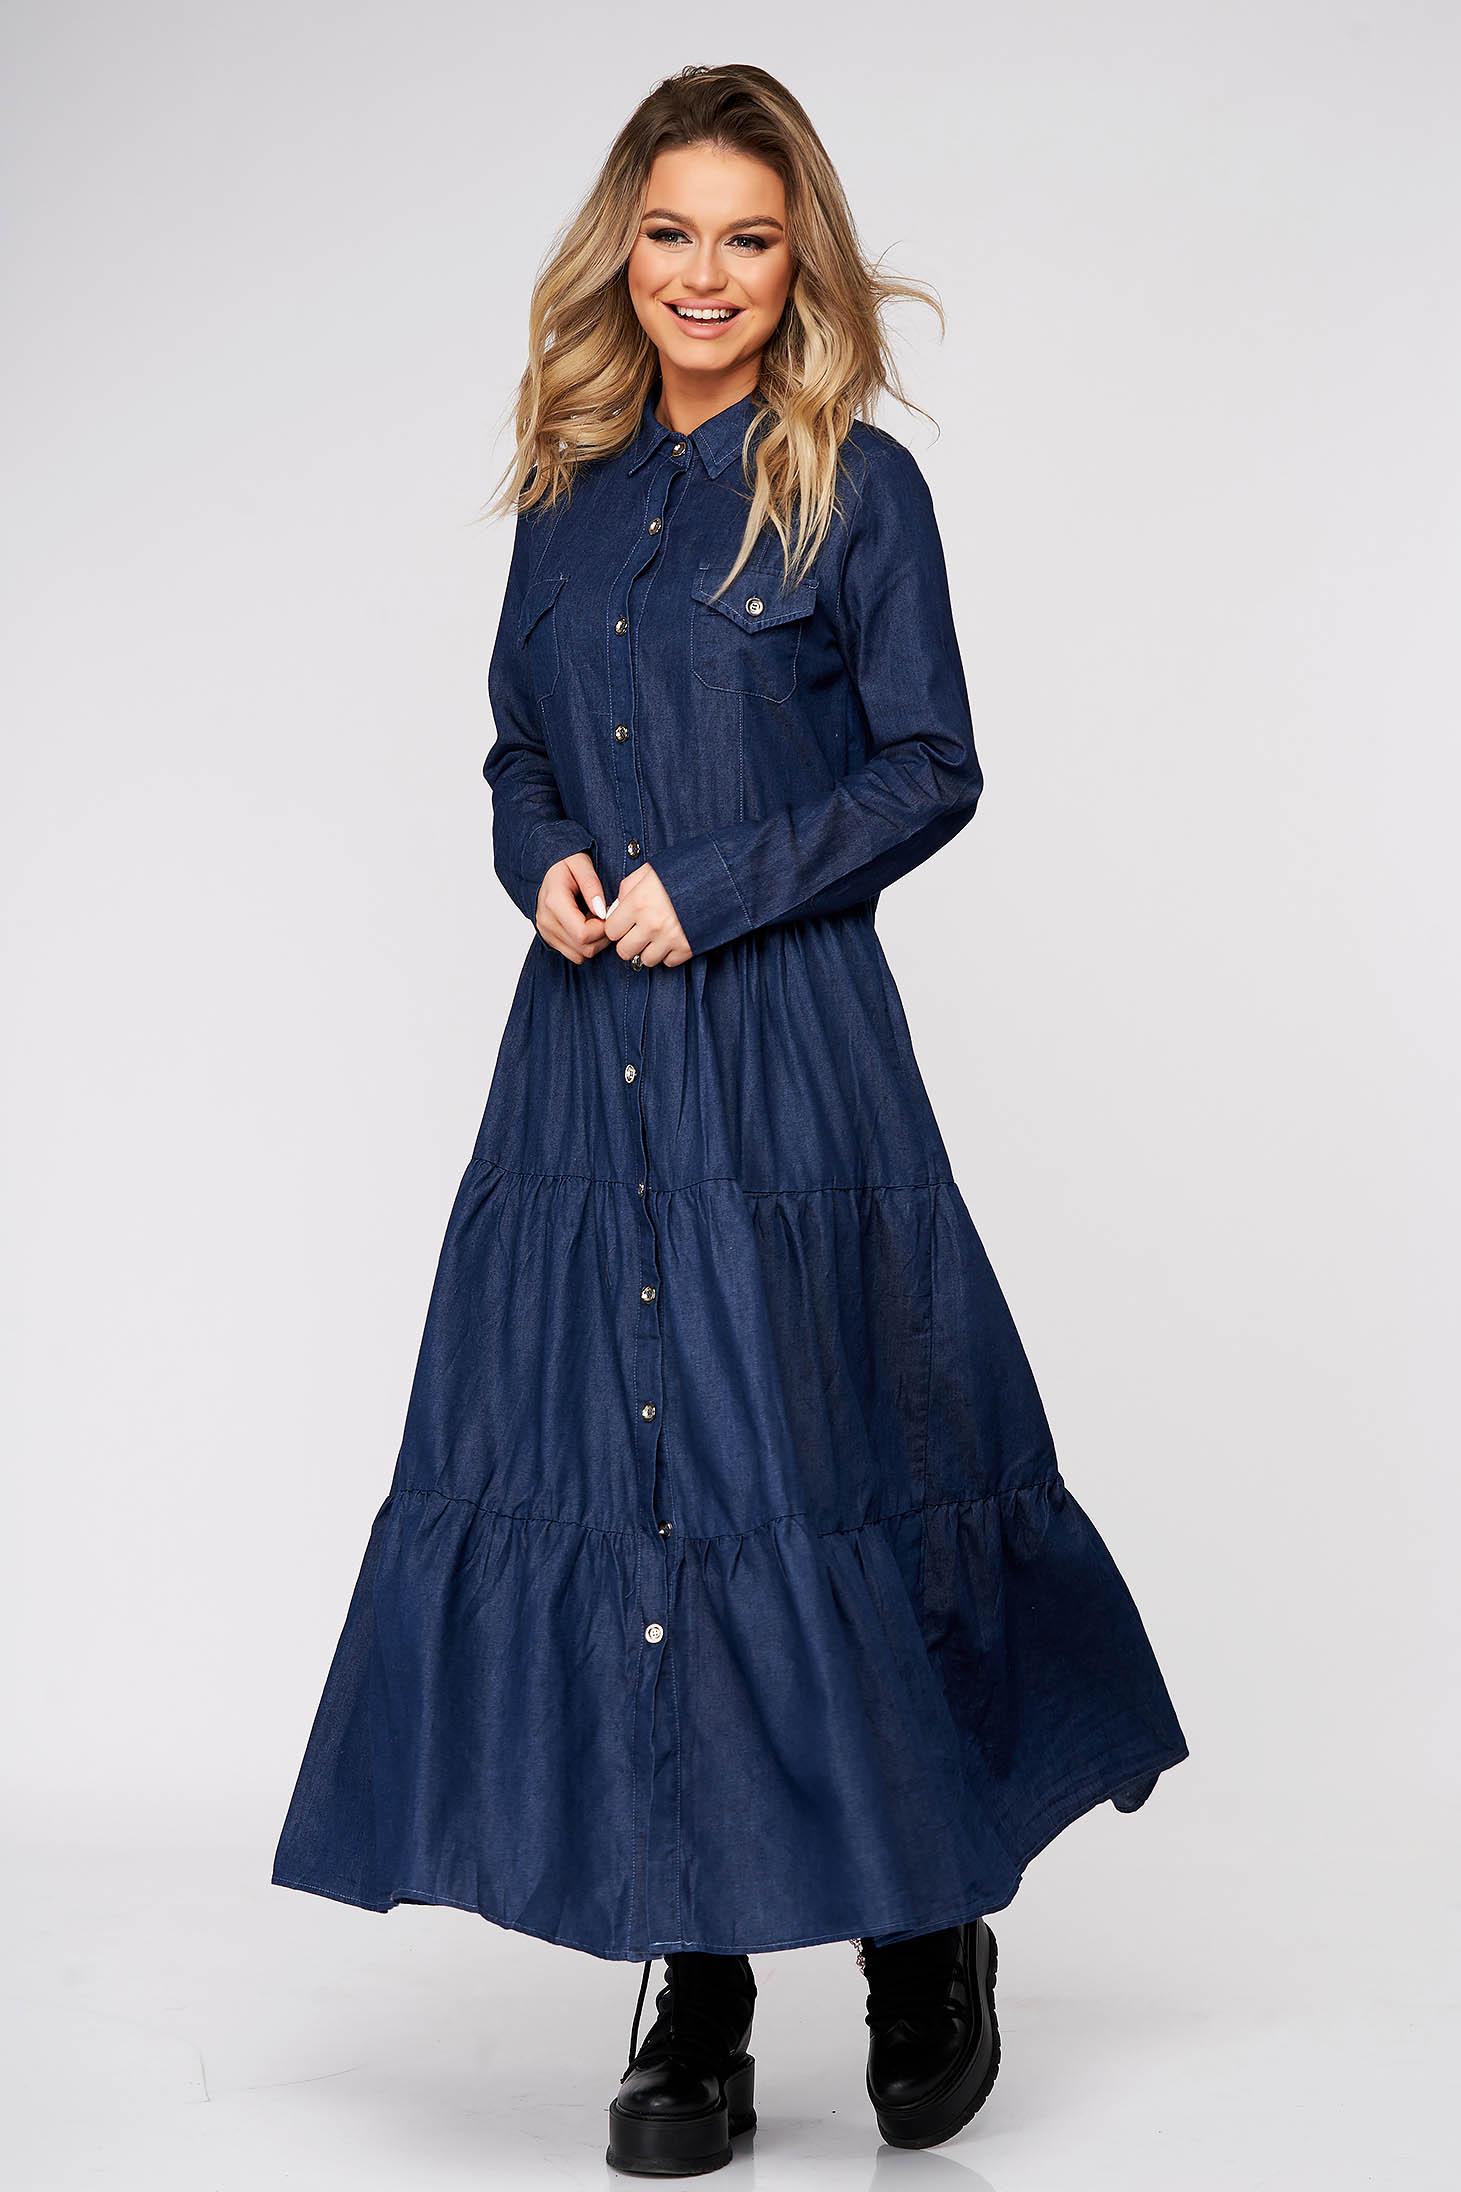 Darkblue dress daily flared nonelastic cotton